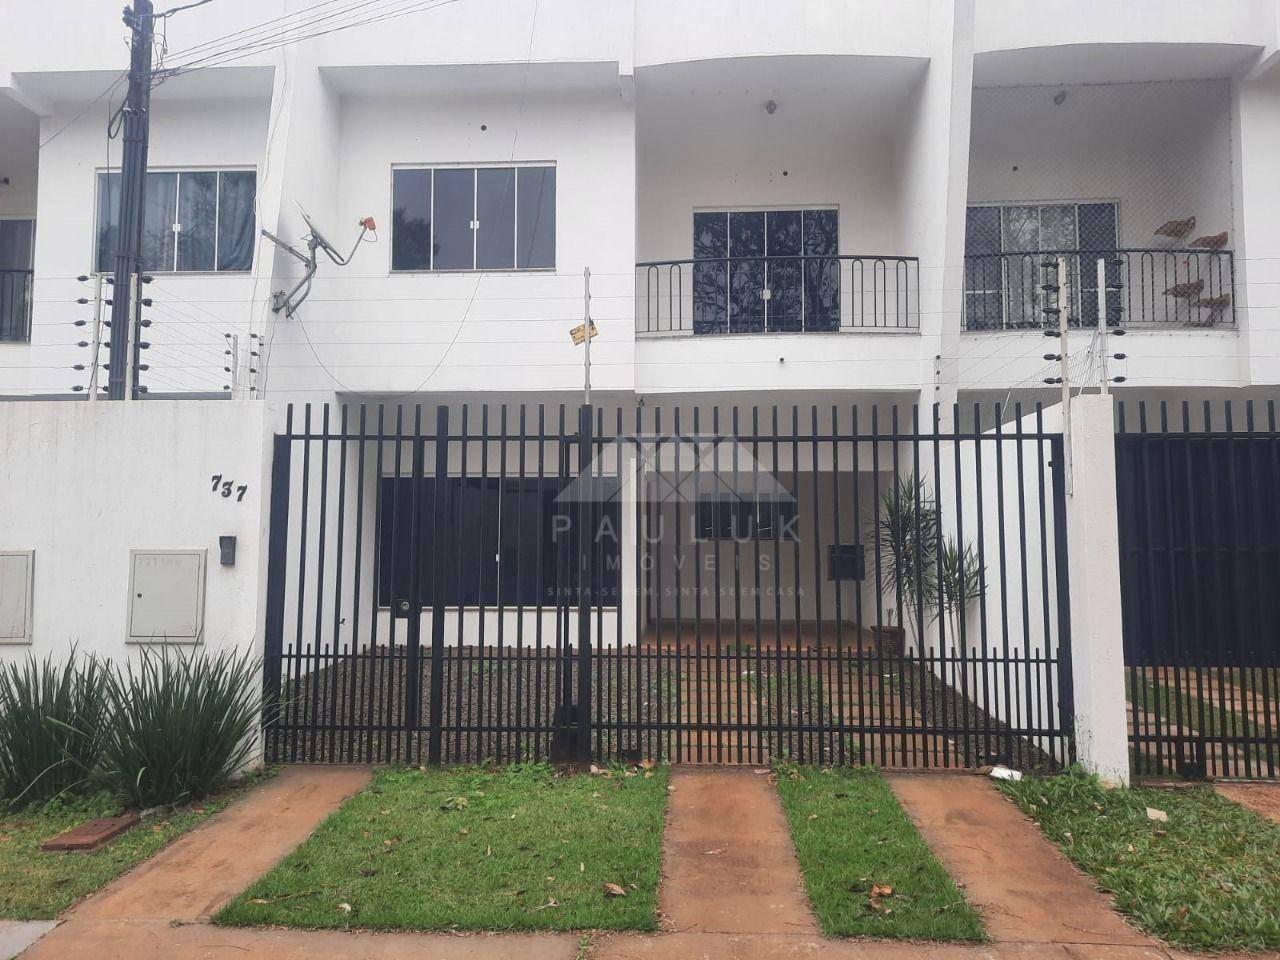 Sobrado com 3 Dormitórios, Sendo 1 Suíte, à Venda, 115 M² Por R$ 380.000 - Jardim Iguaçu - Foz do Ig | PAULUK IMÓVEIS | Portal OBusca